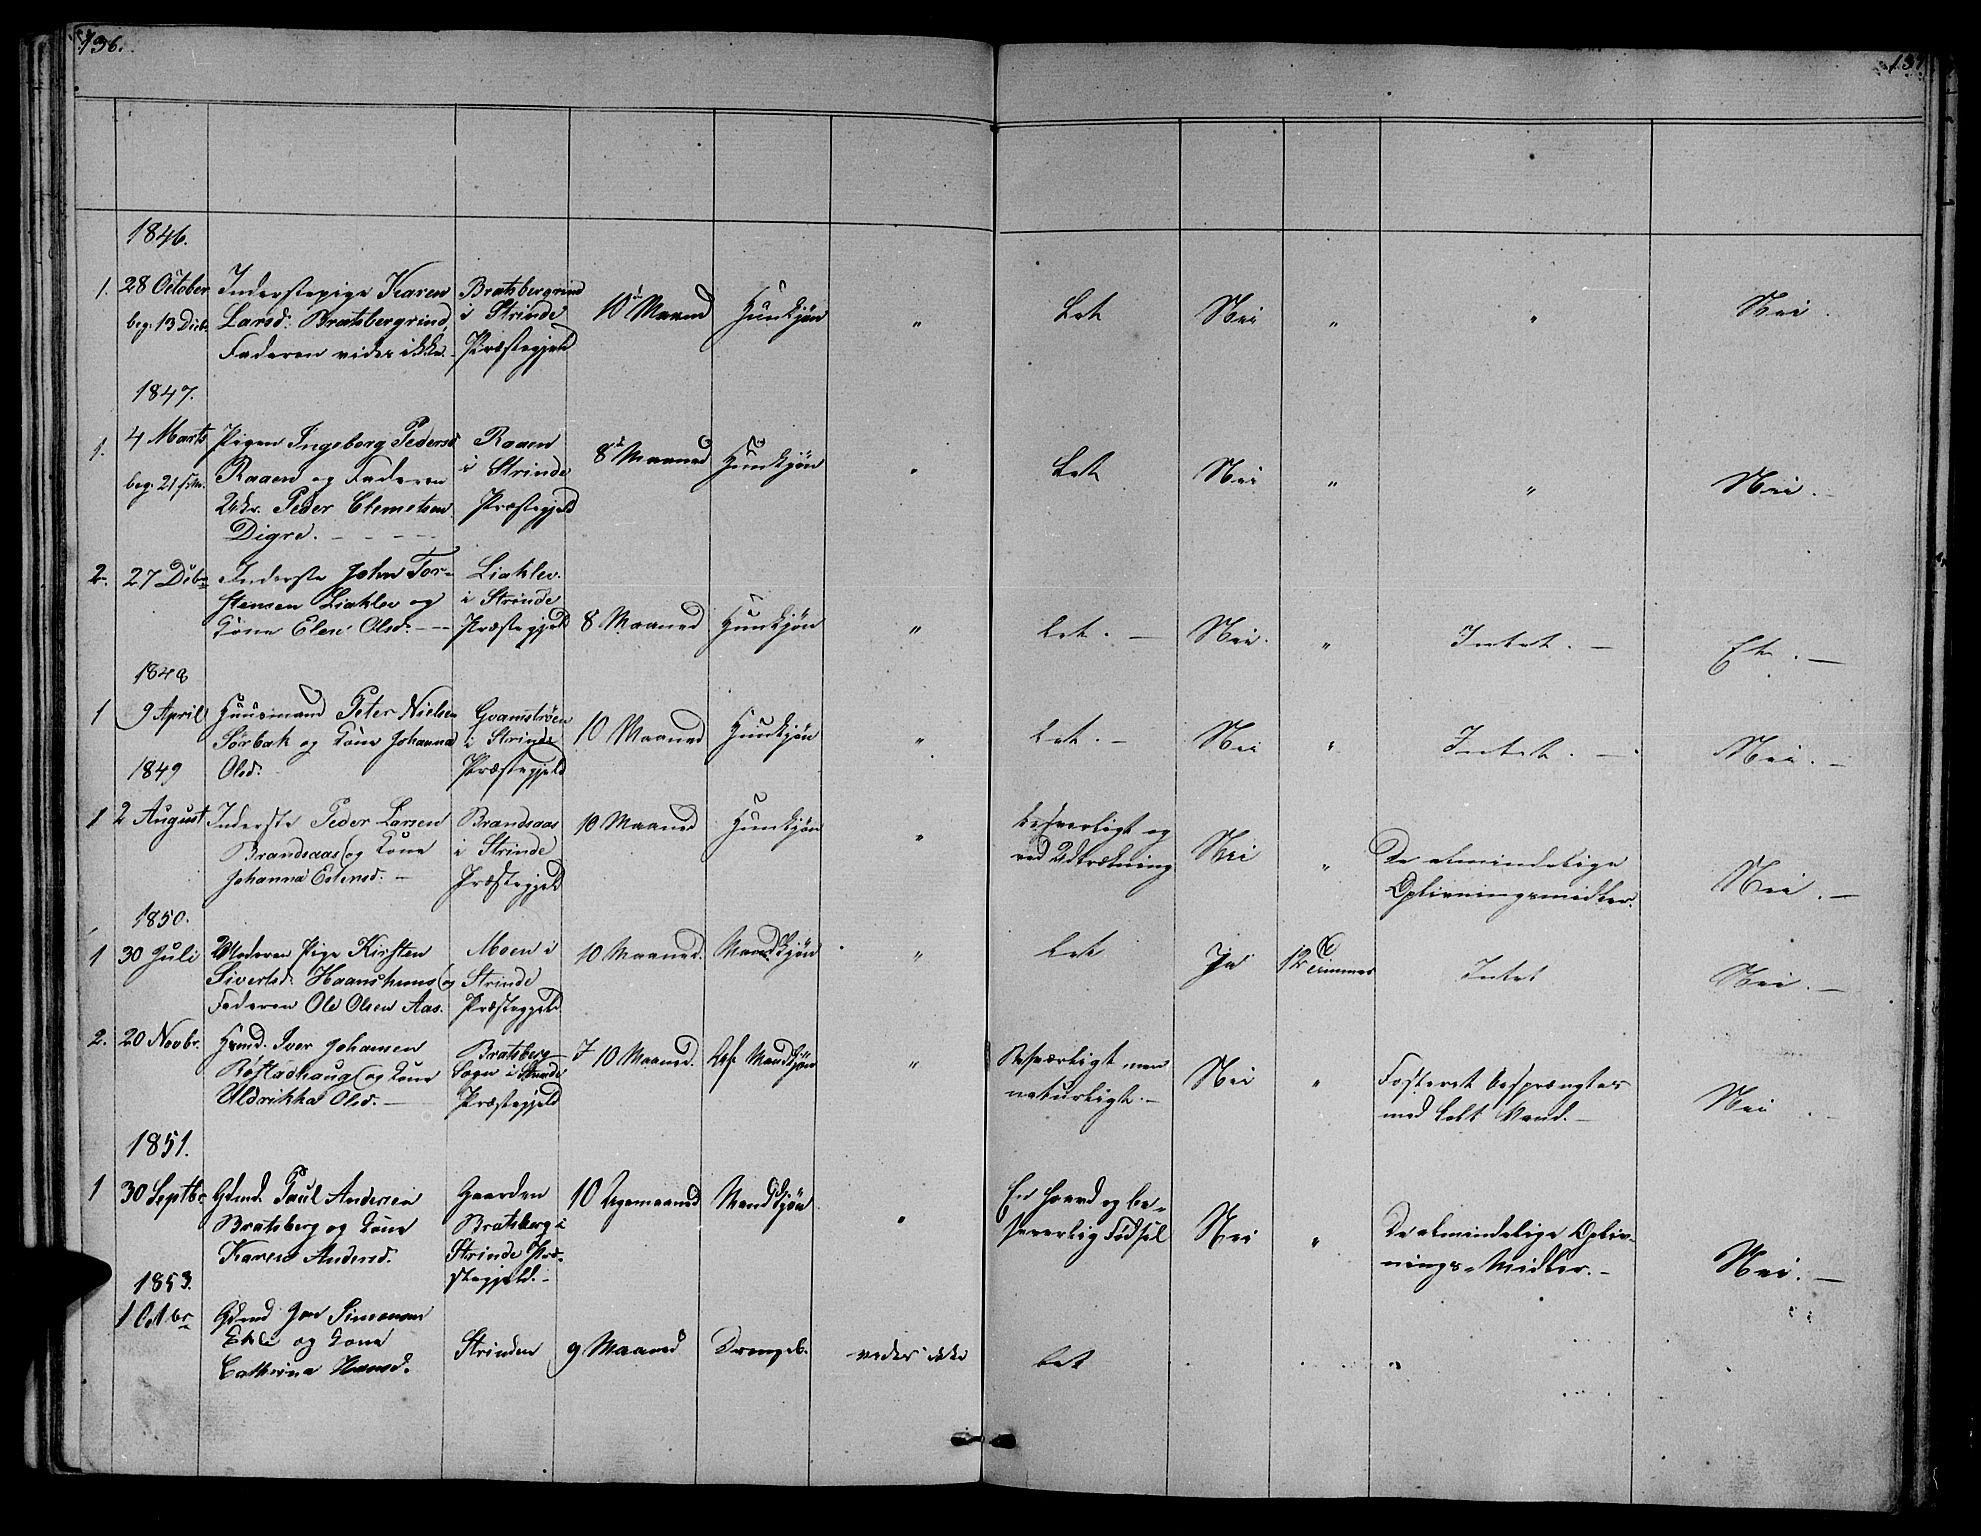 SAT, Ministerialprotokoller, klokkerbøker og fødselsregistre - Sør-Trøndelag, 608/L0339: Klokkerbok nr. 608C05, 1844-1863, s. 136-137